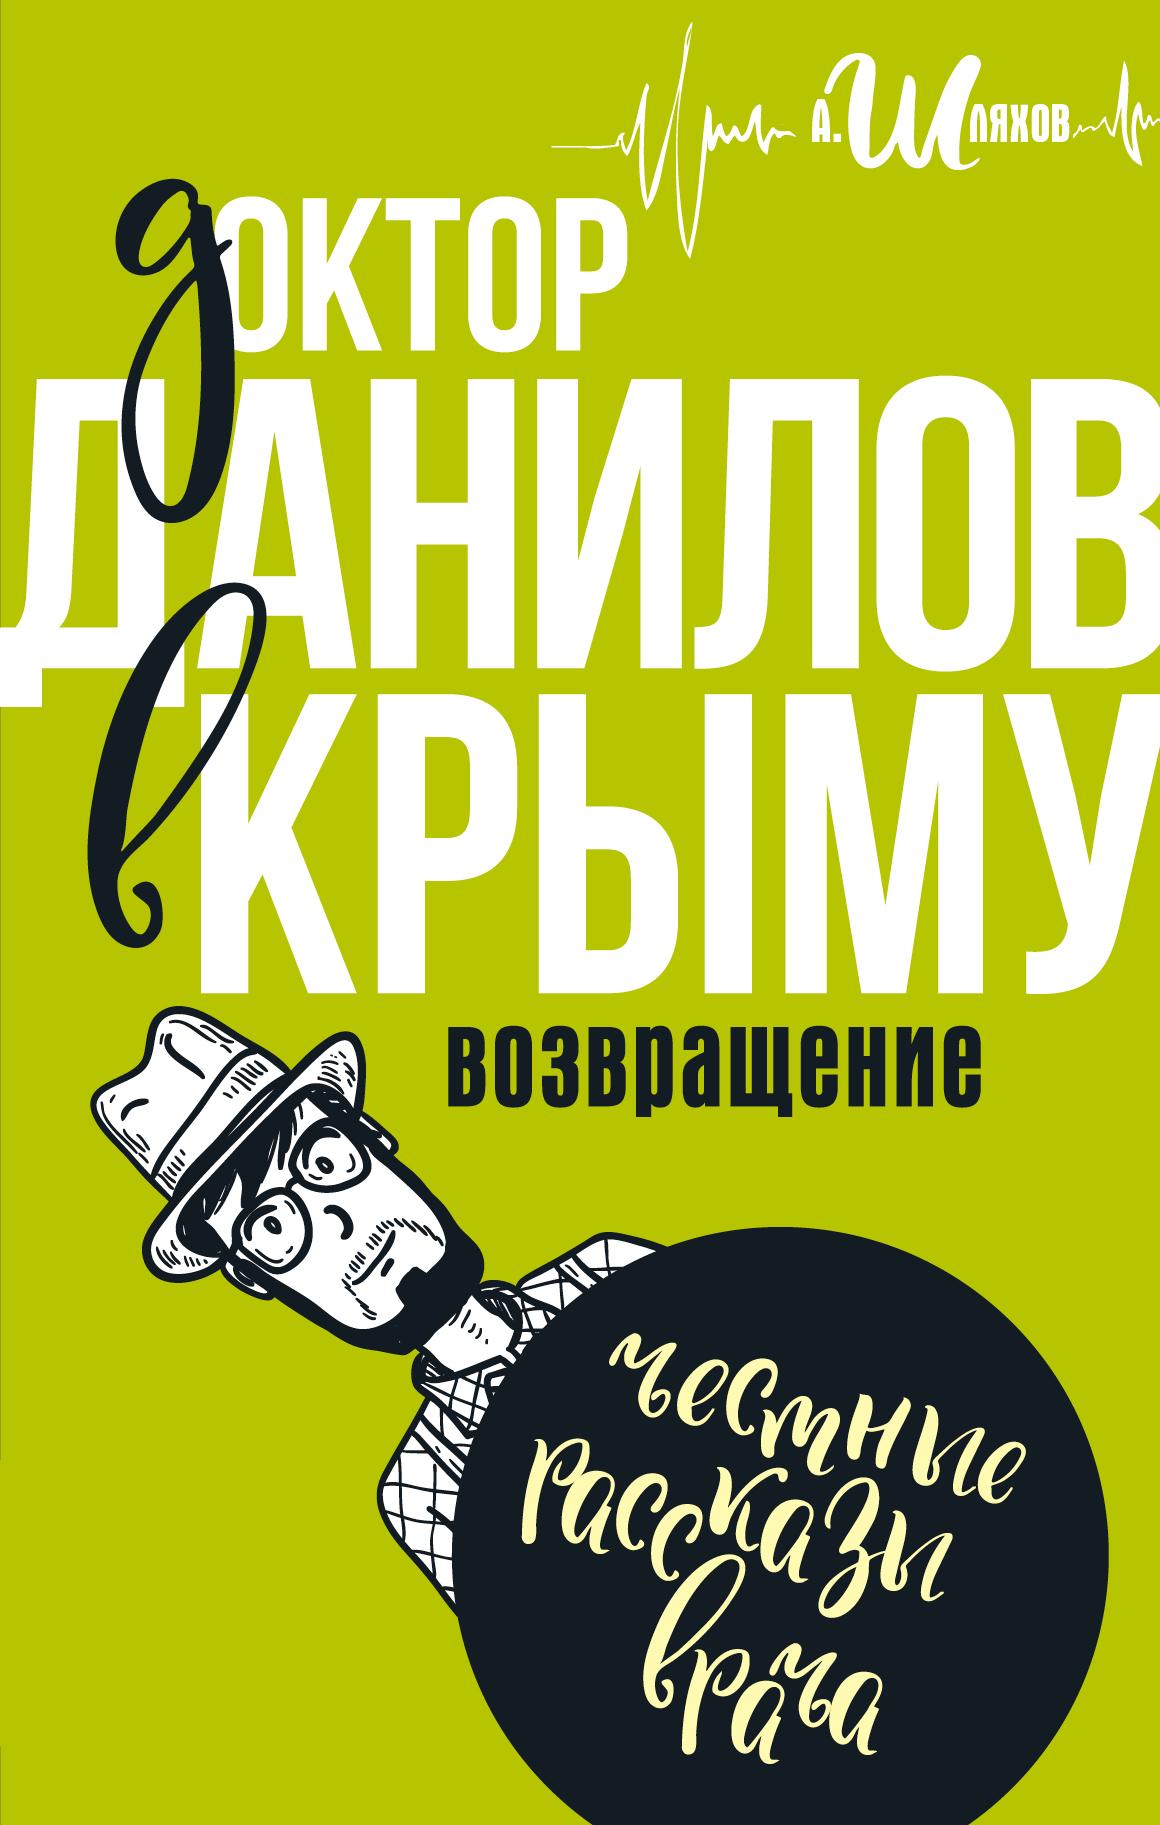 Доктор Данилов в Крыму: возвращение от book24.ru